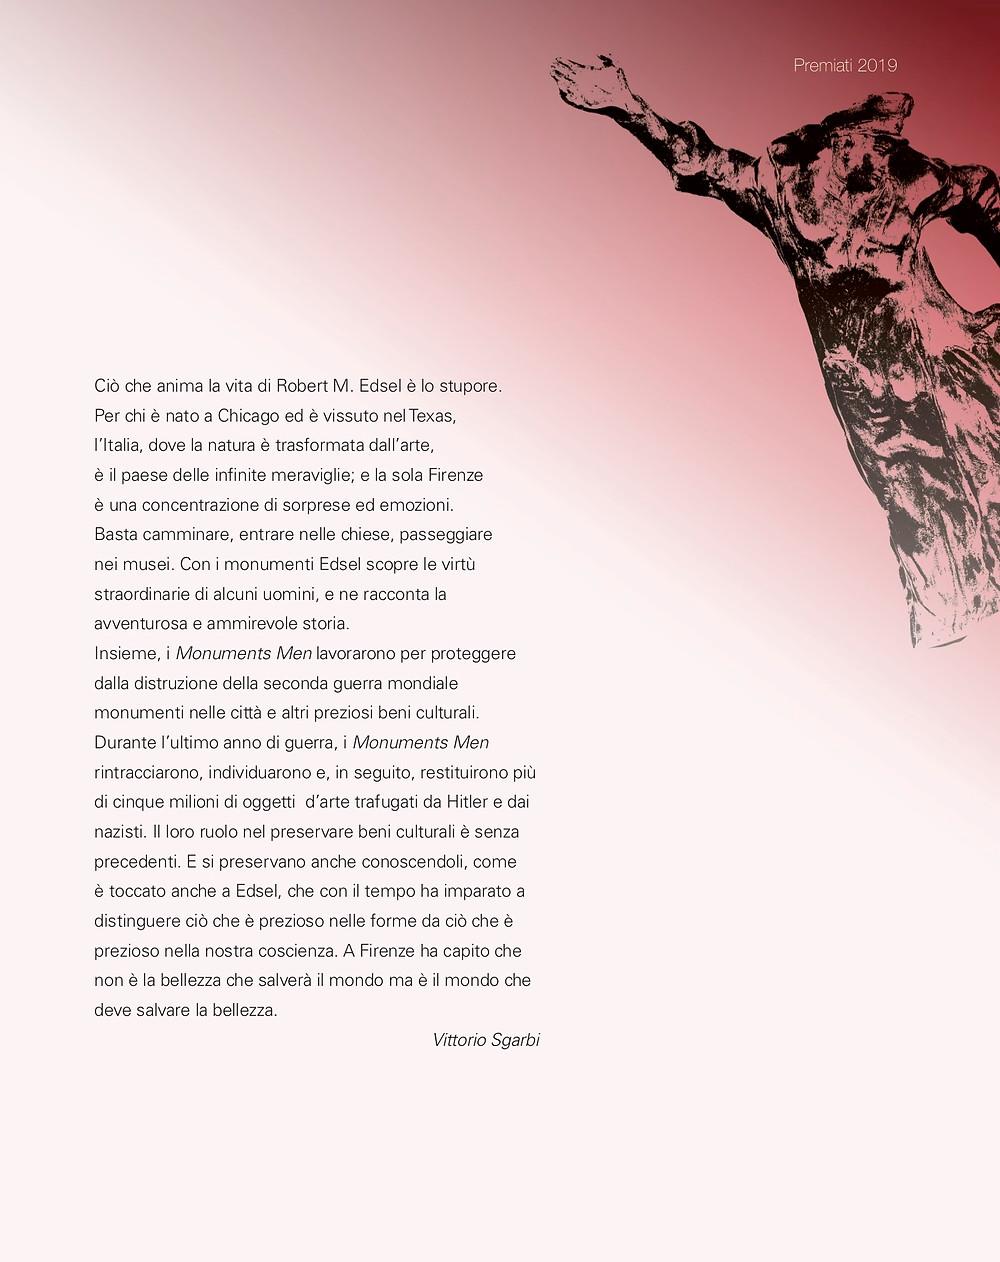 Premio Pio Alferano 2019